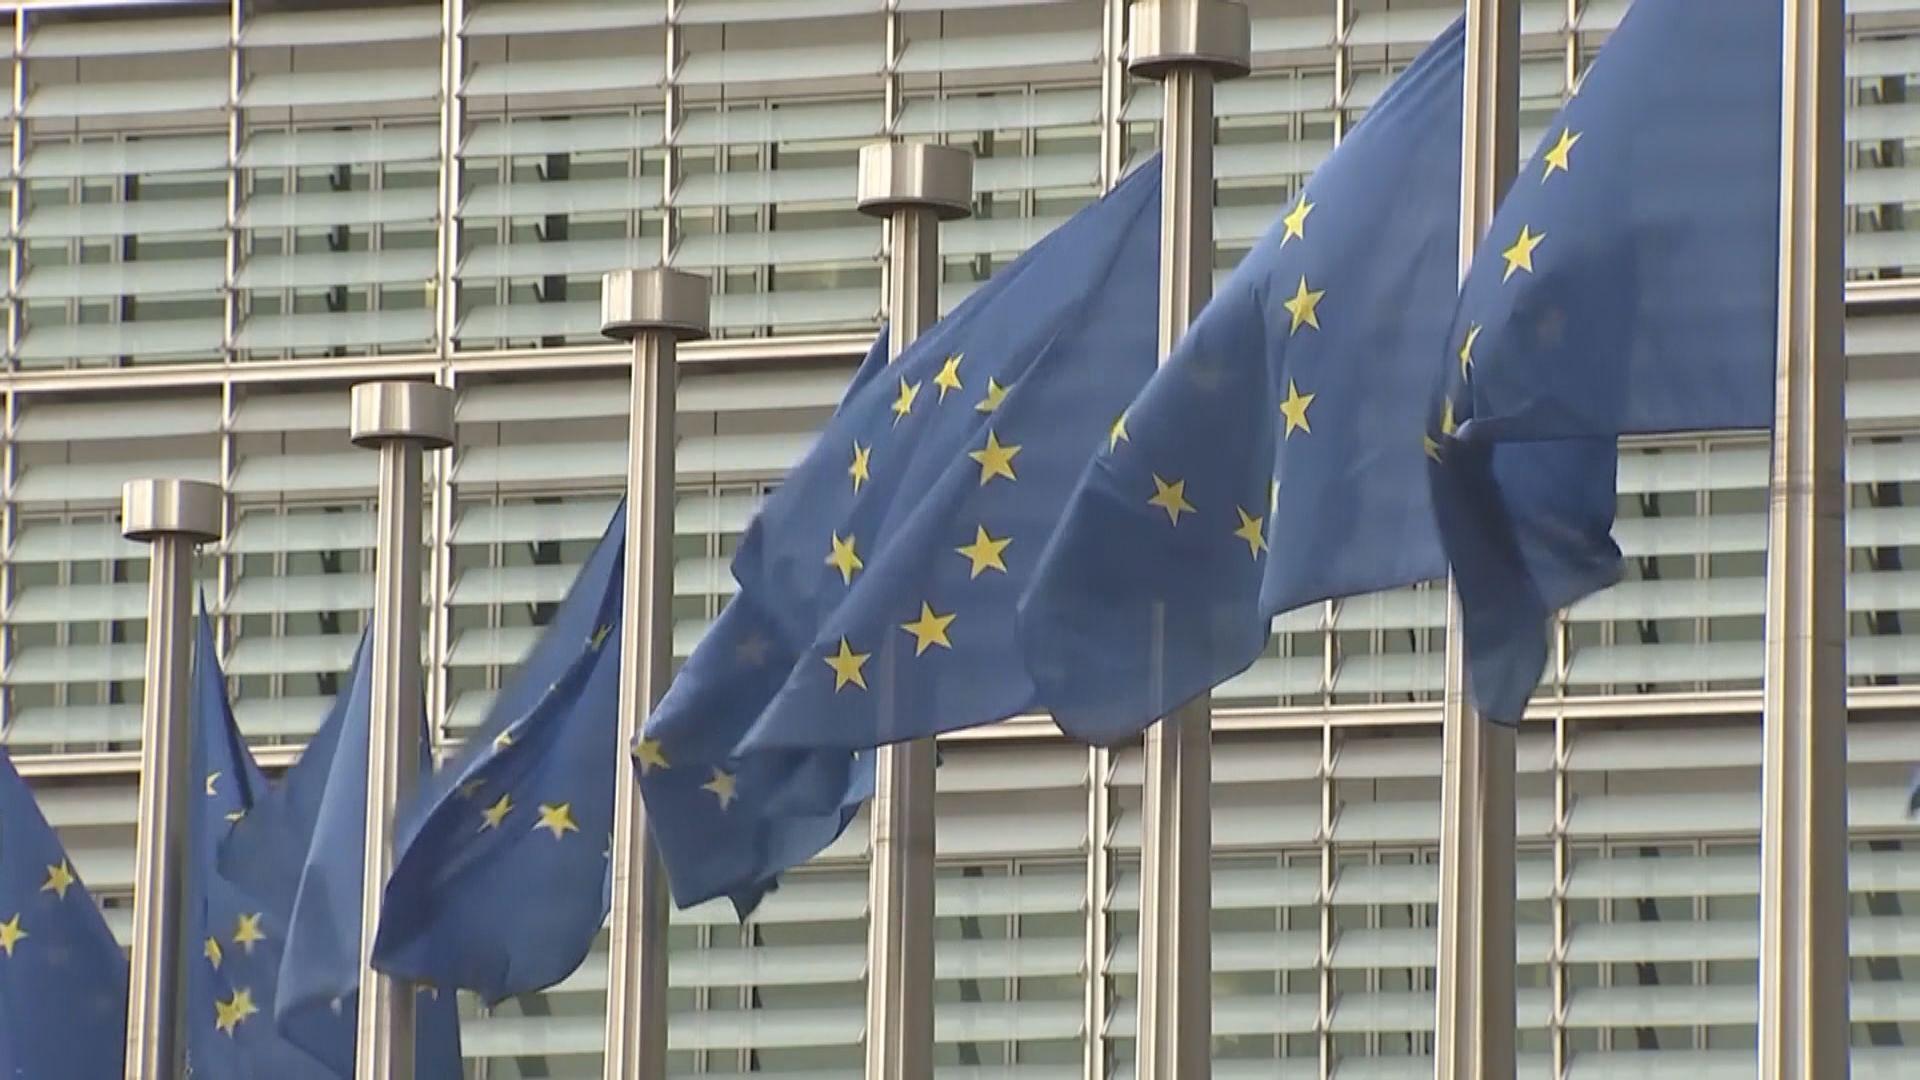 中國再指歐盟不應干涉香港事務